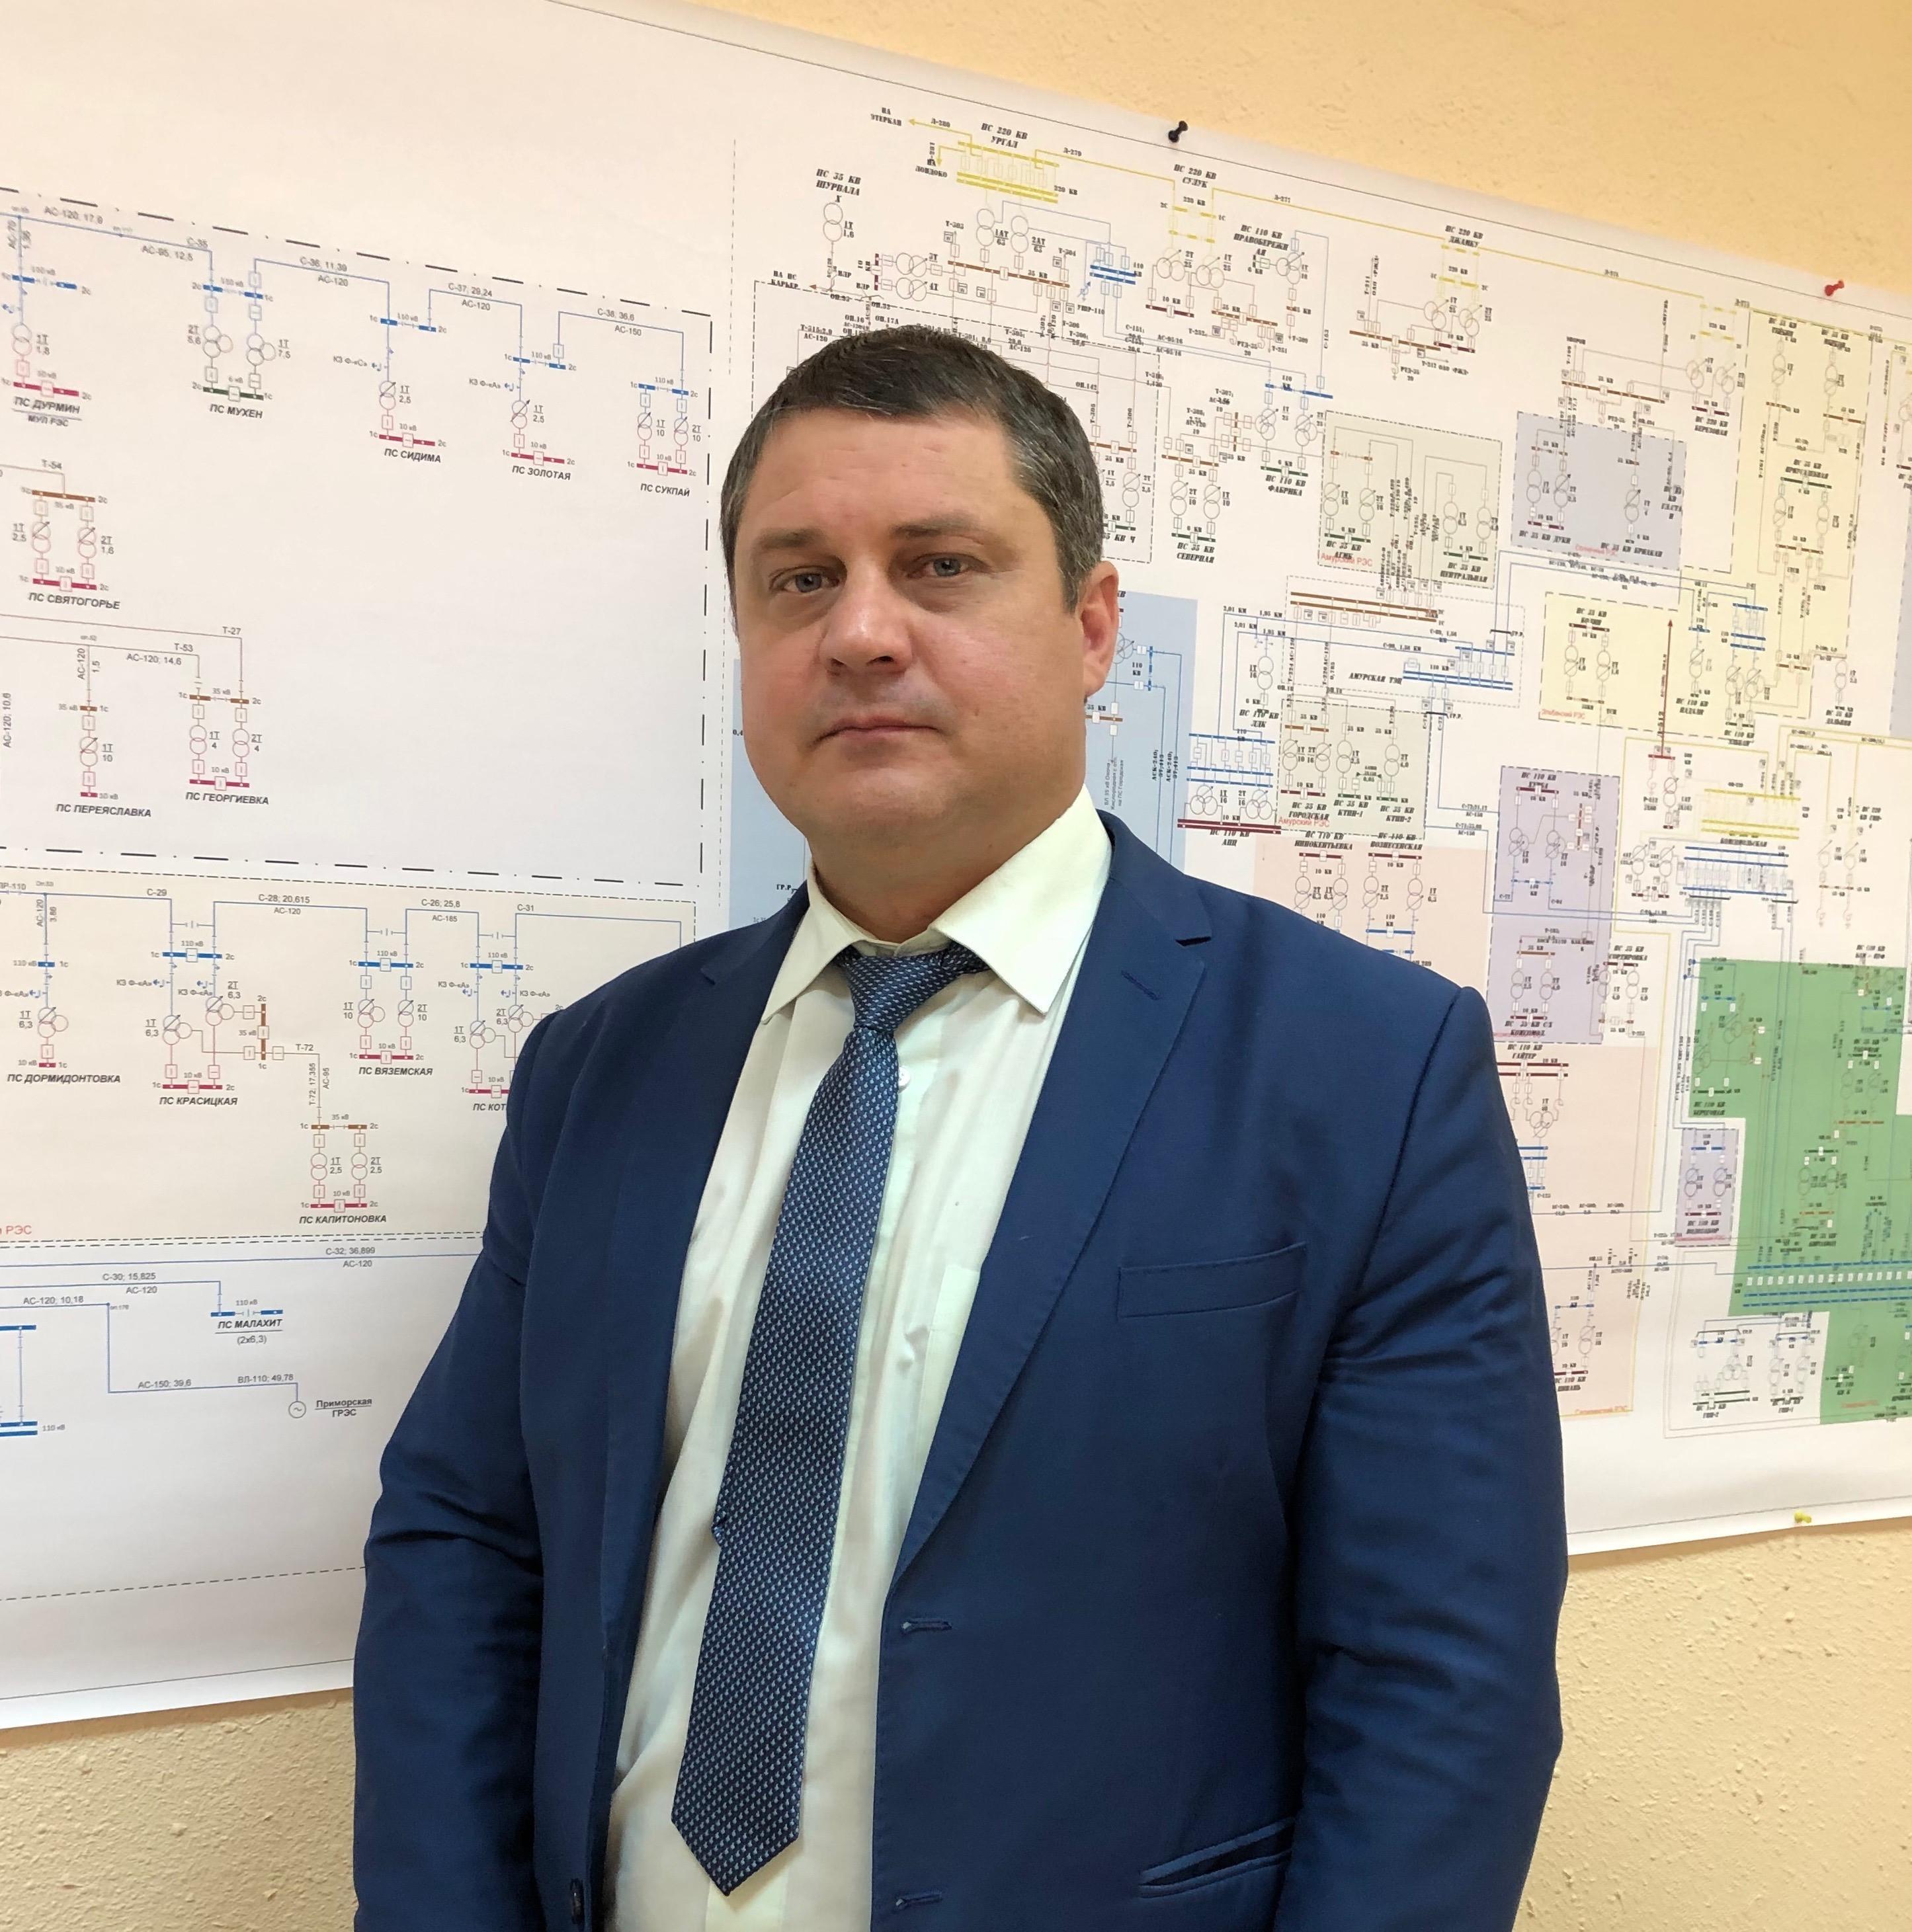 Заместитель руководителя хабаровского филиала АО «ДРСК» избран председателем Общественного совета